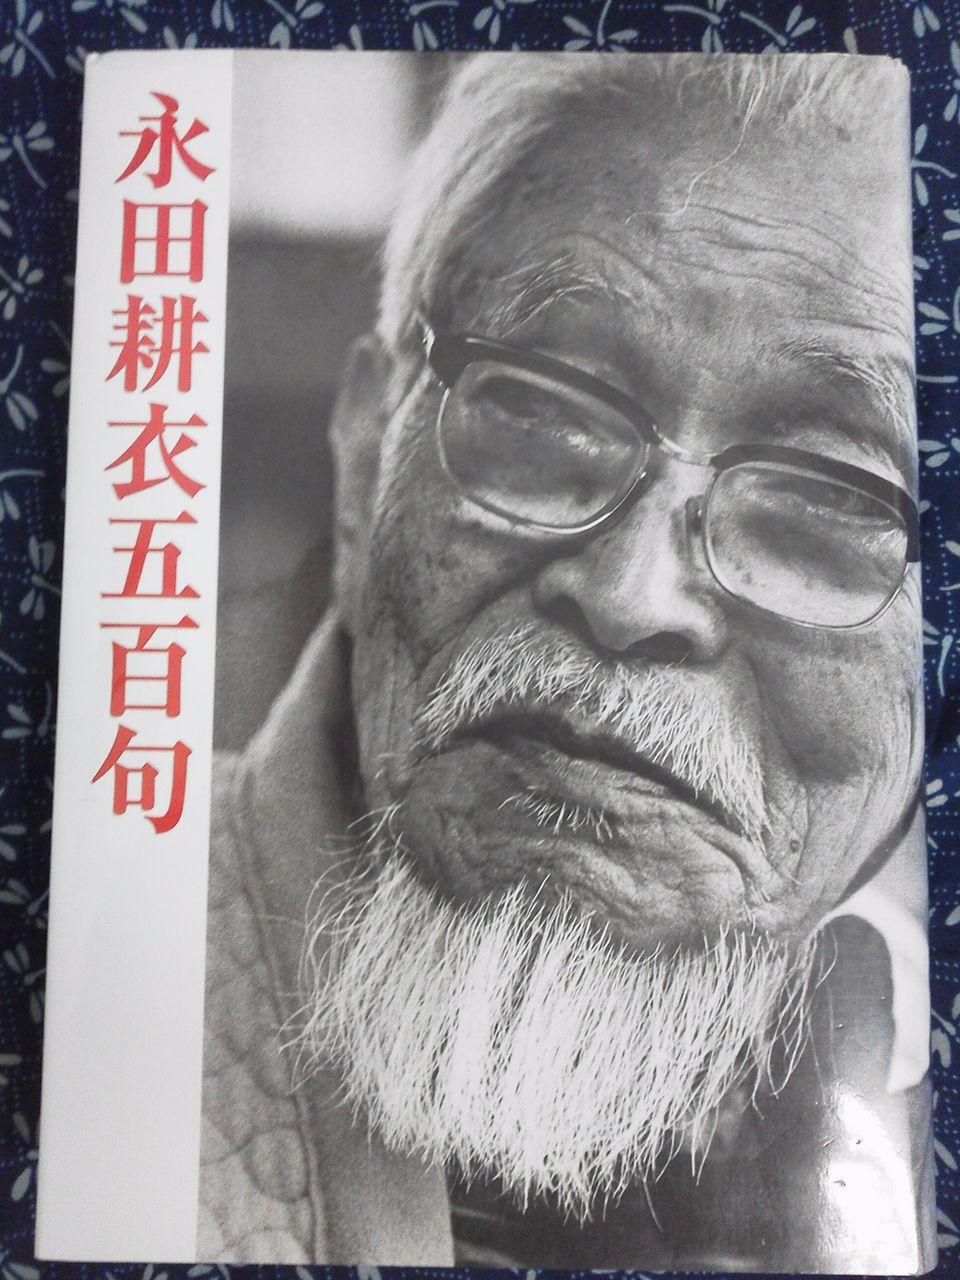 mongabooksのブログ : 永田耕衣の本